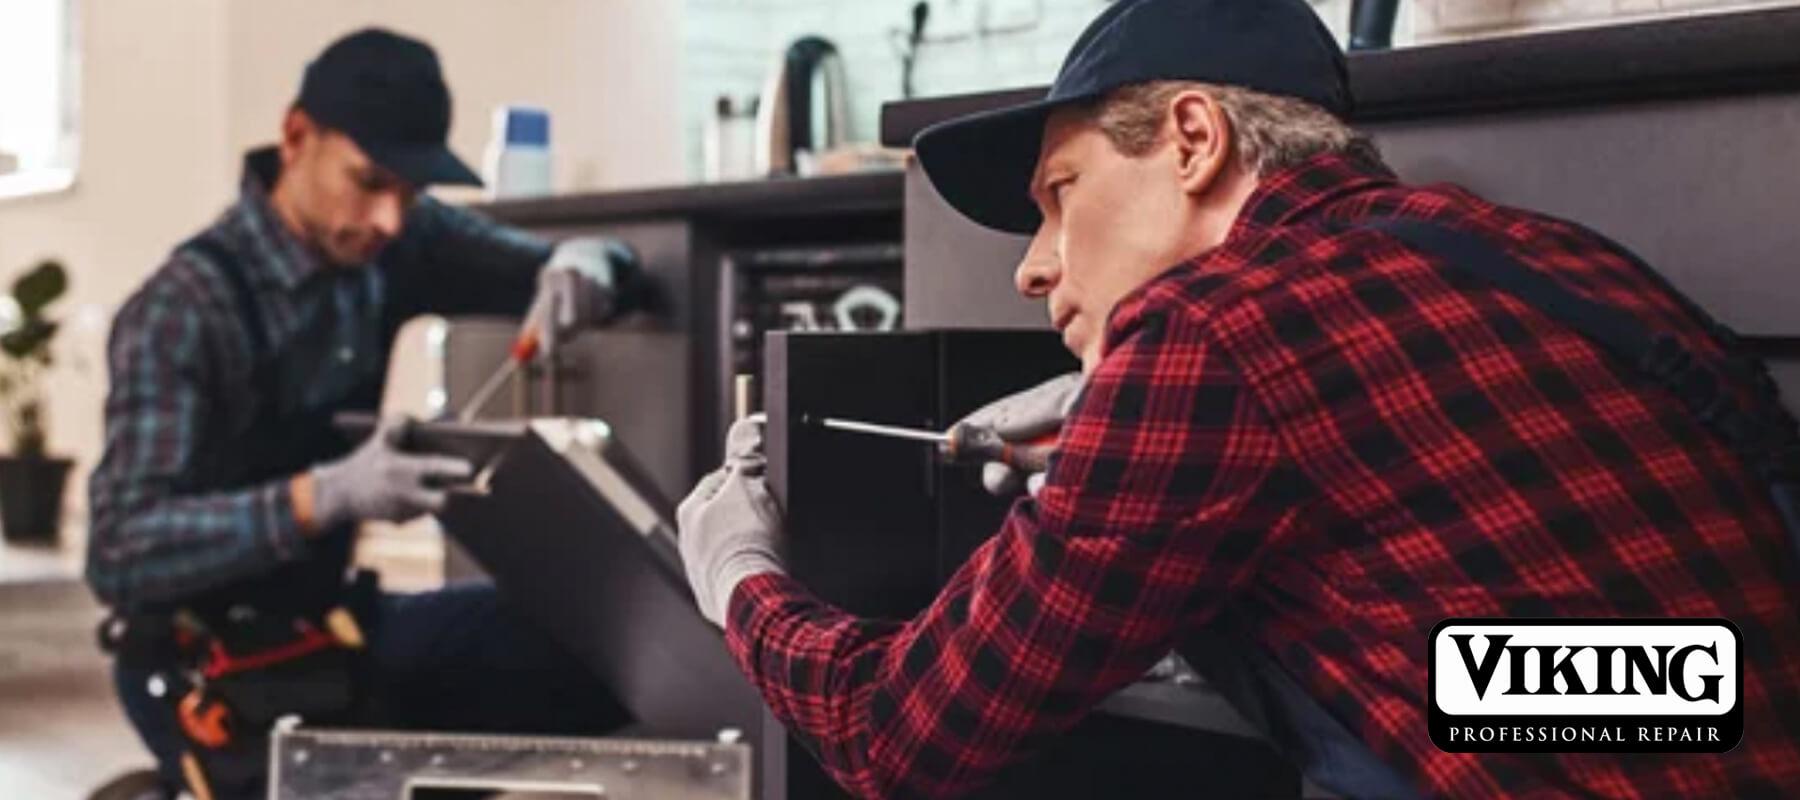 Authorized Viking Repair San Jose | Professional Viking Repair